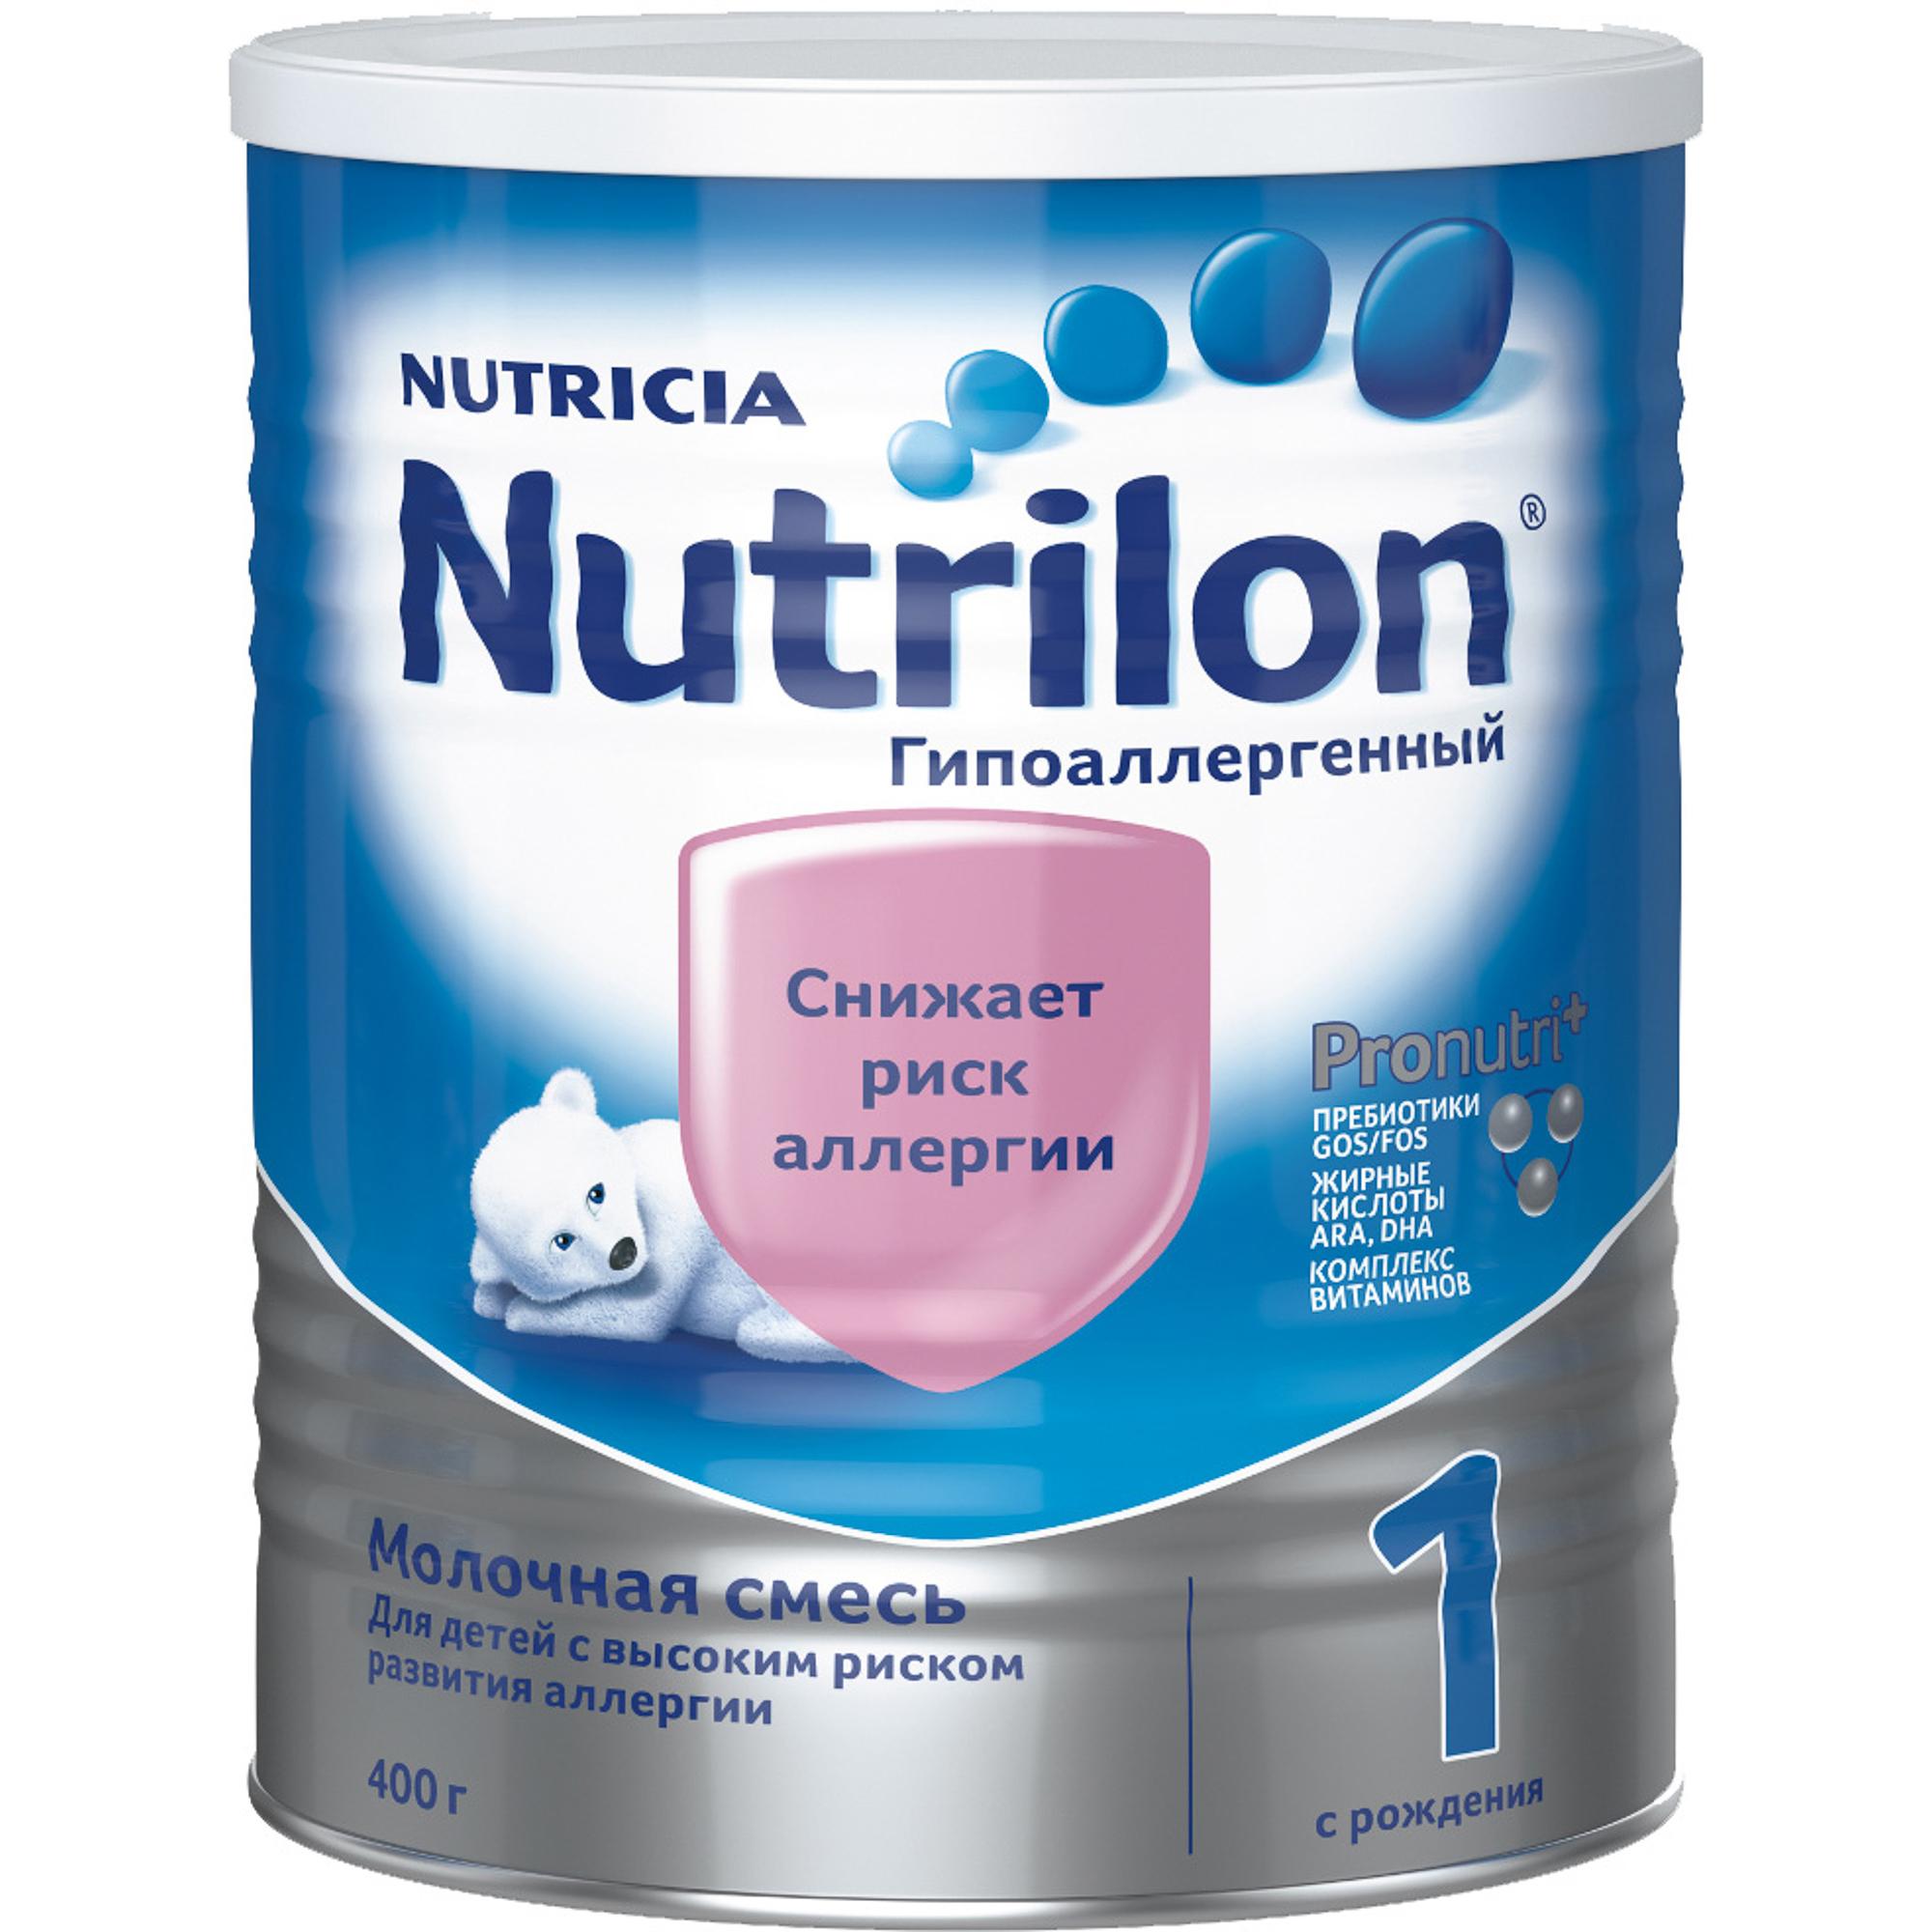 Смесь молочная Nutrilon 1 Гипоаллергенный с рождения 400 г молочная смесь nutricia nutrilon nutricia 1 premium c рождения 800 г